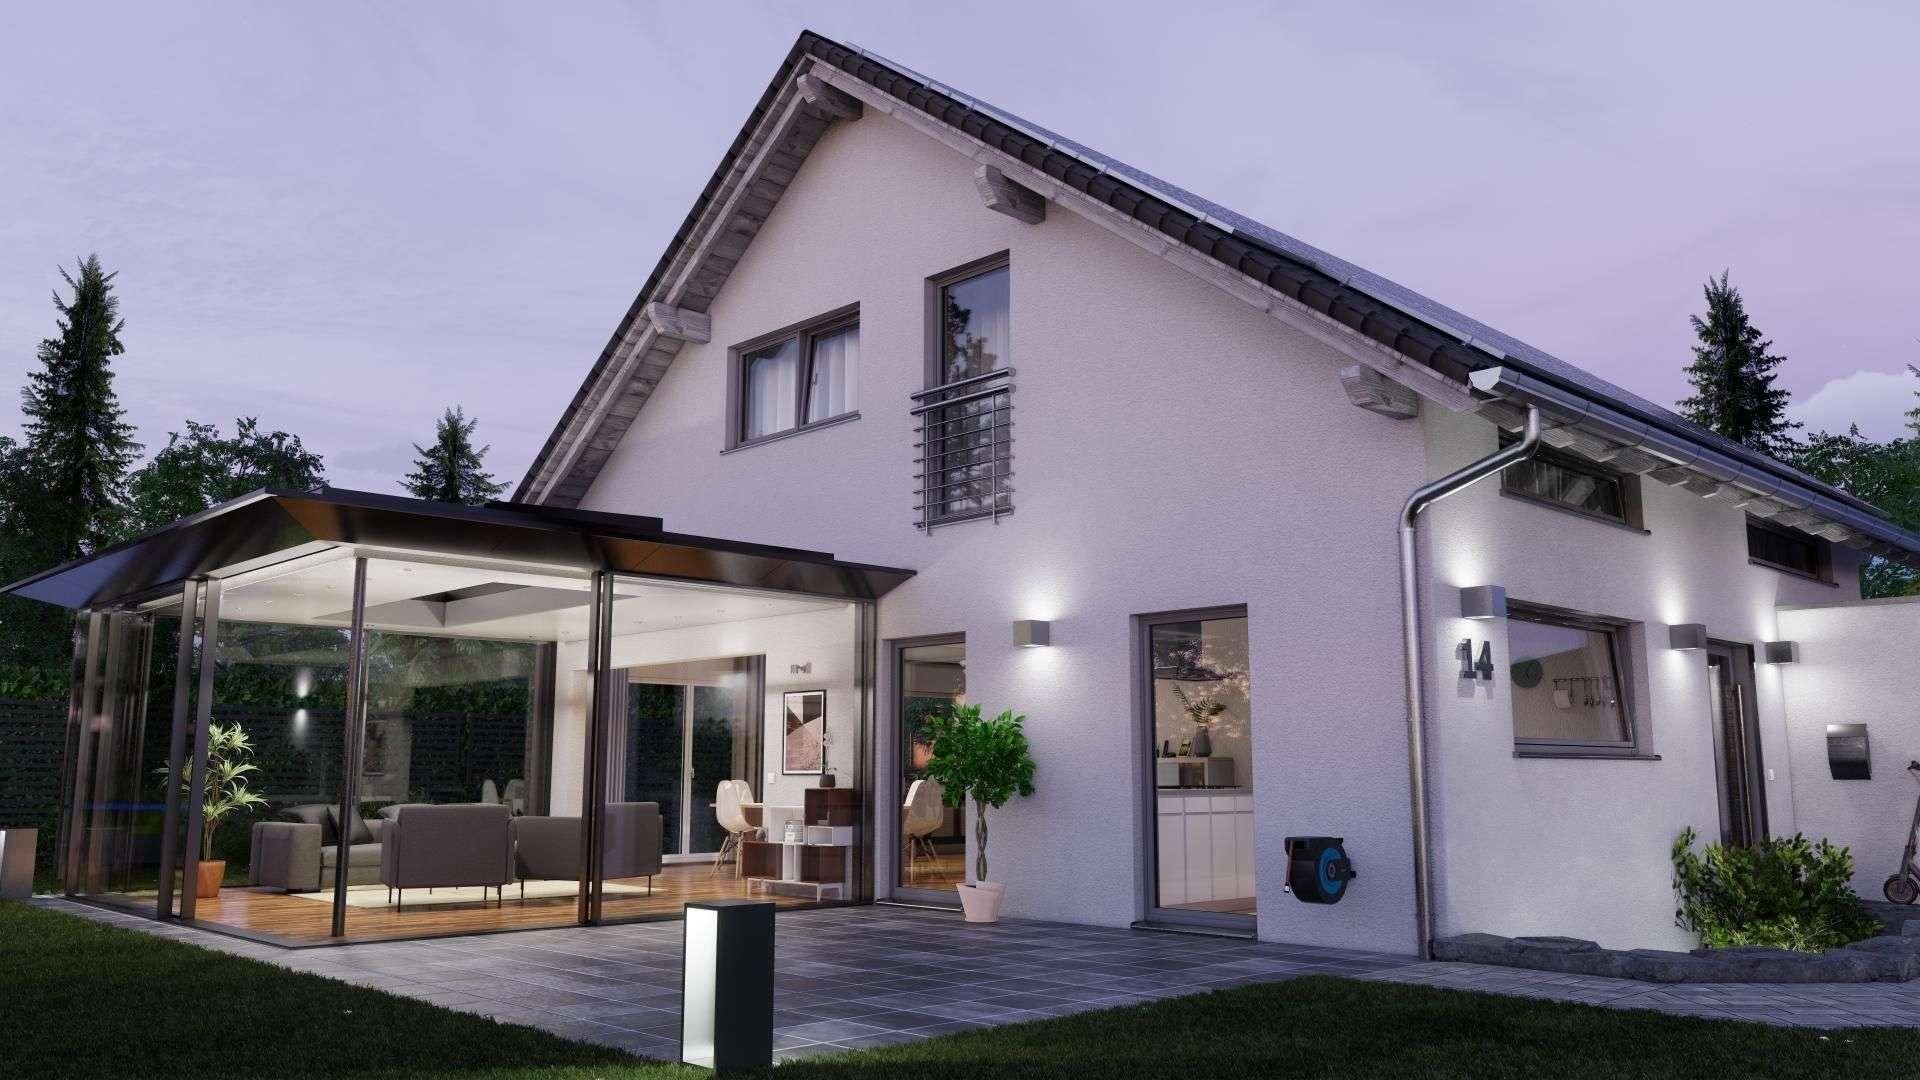 SDL Avalis Flachdach auf der Terrasse eines Wohnhauses